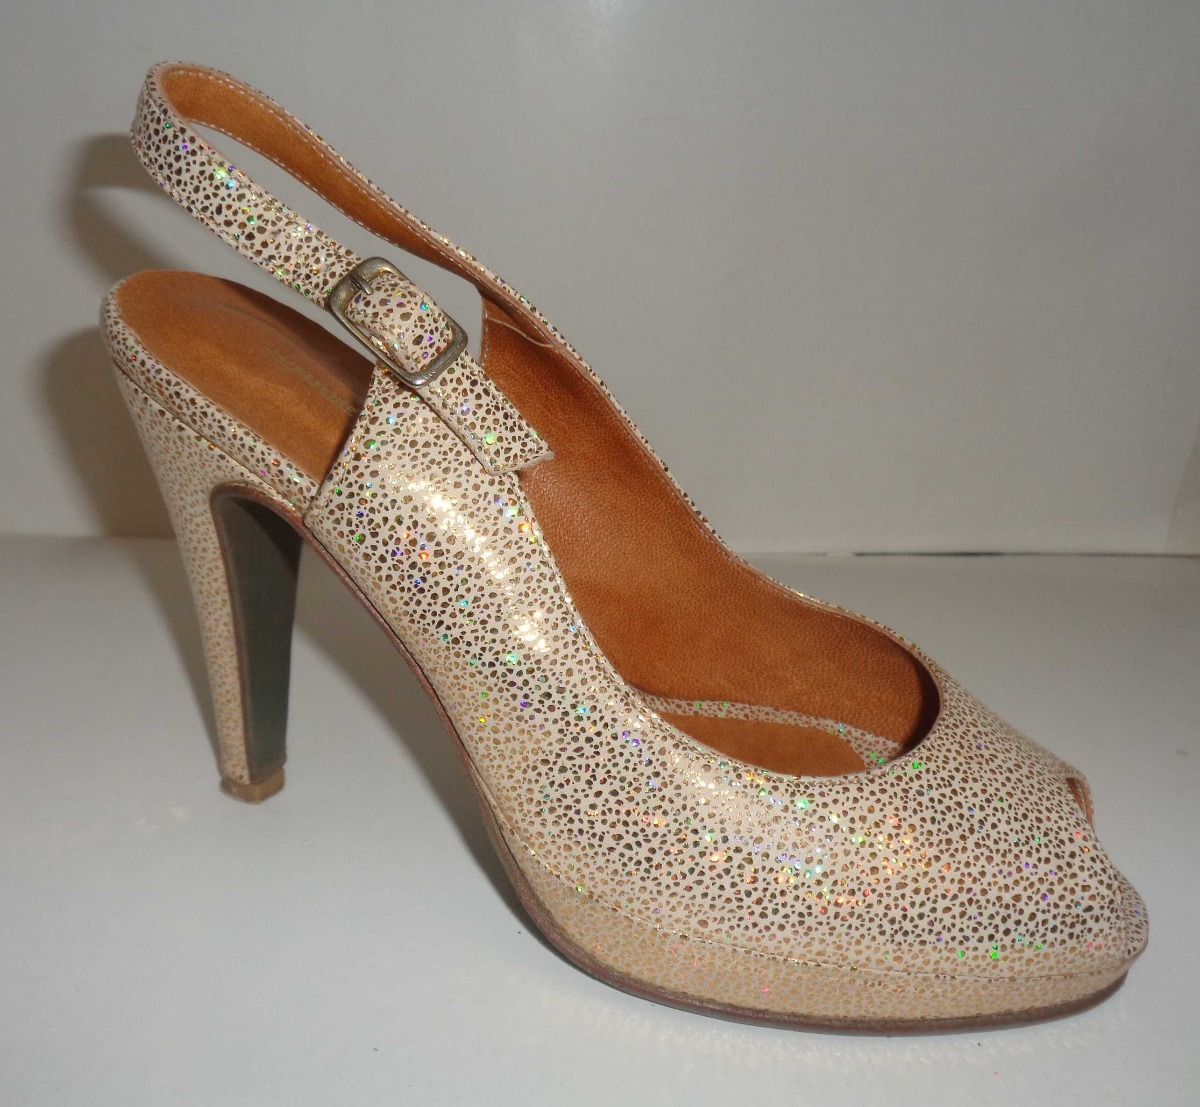 Zapatos Plataforma Sandalias Dorados Fiesta 00 36350 Stilettos OkXliwTuPZ